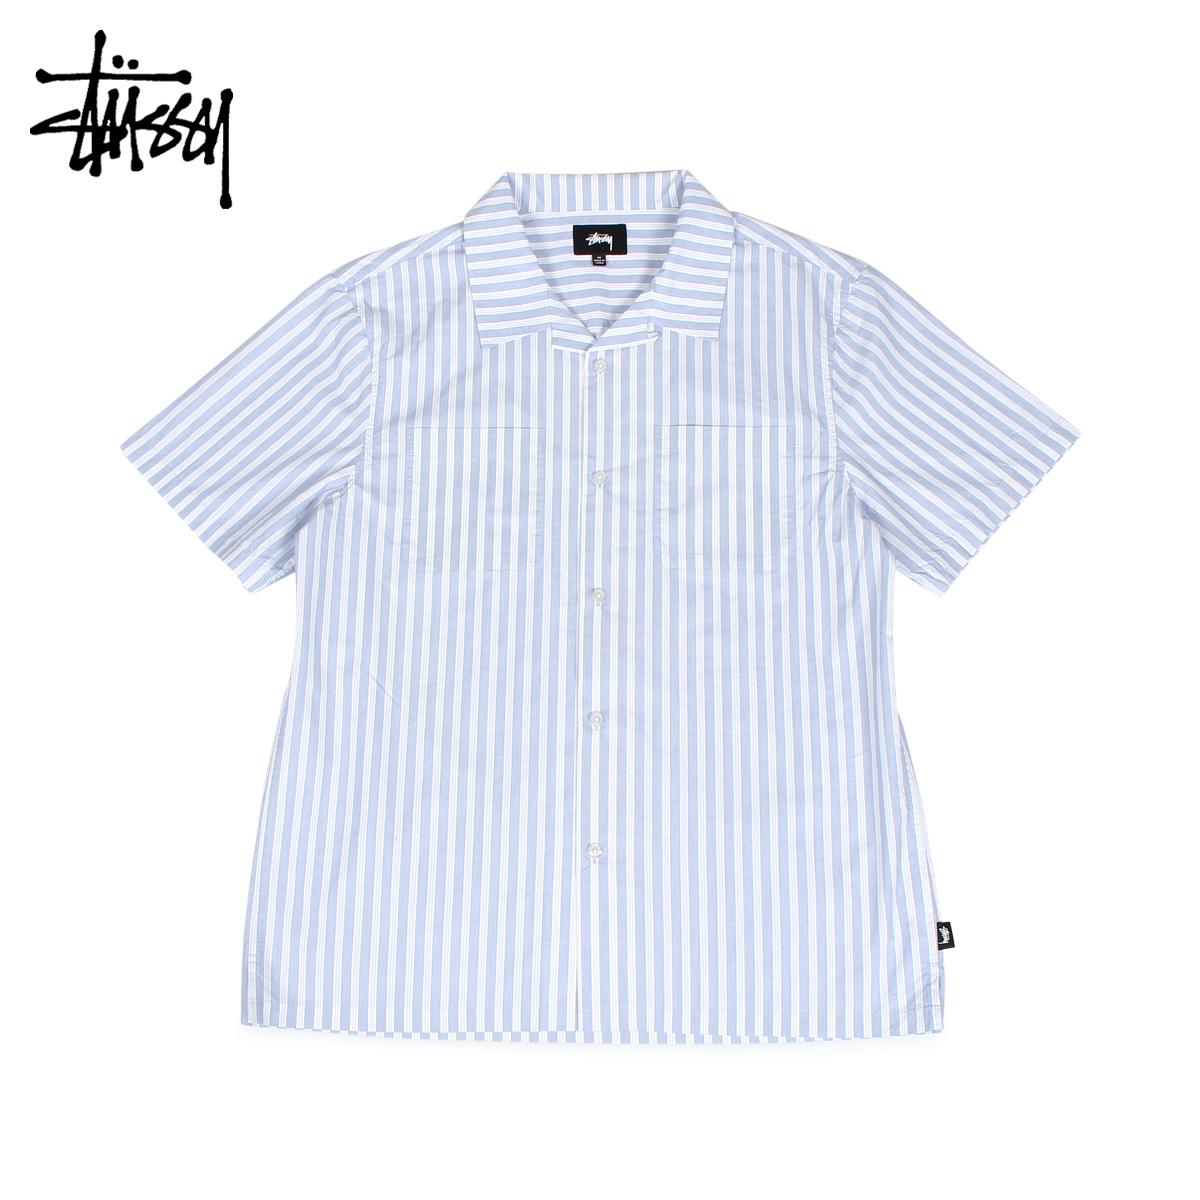 ステューシー STUSSY シャツ 半袖 ボタンシャツ メンズ ストライプ OPEN COLLAR SHIRT ブルー 1110042 [12/6 新入荷]